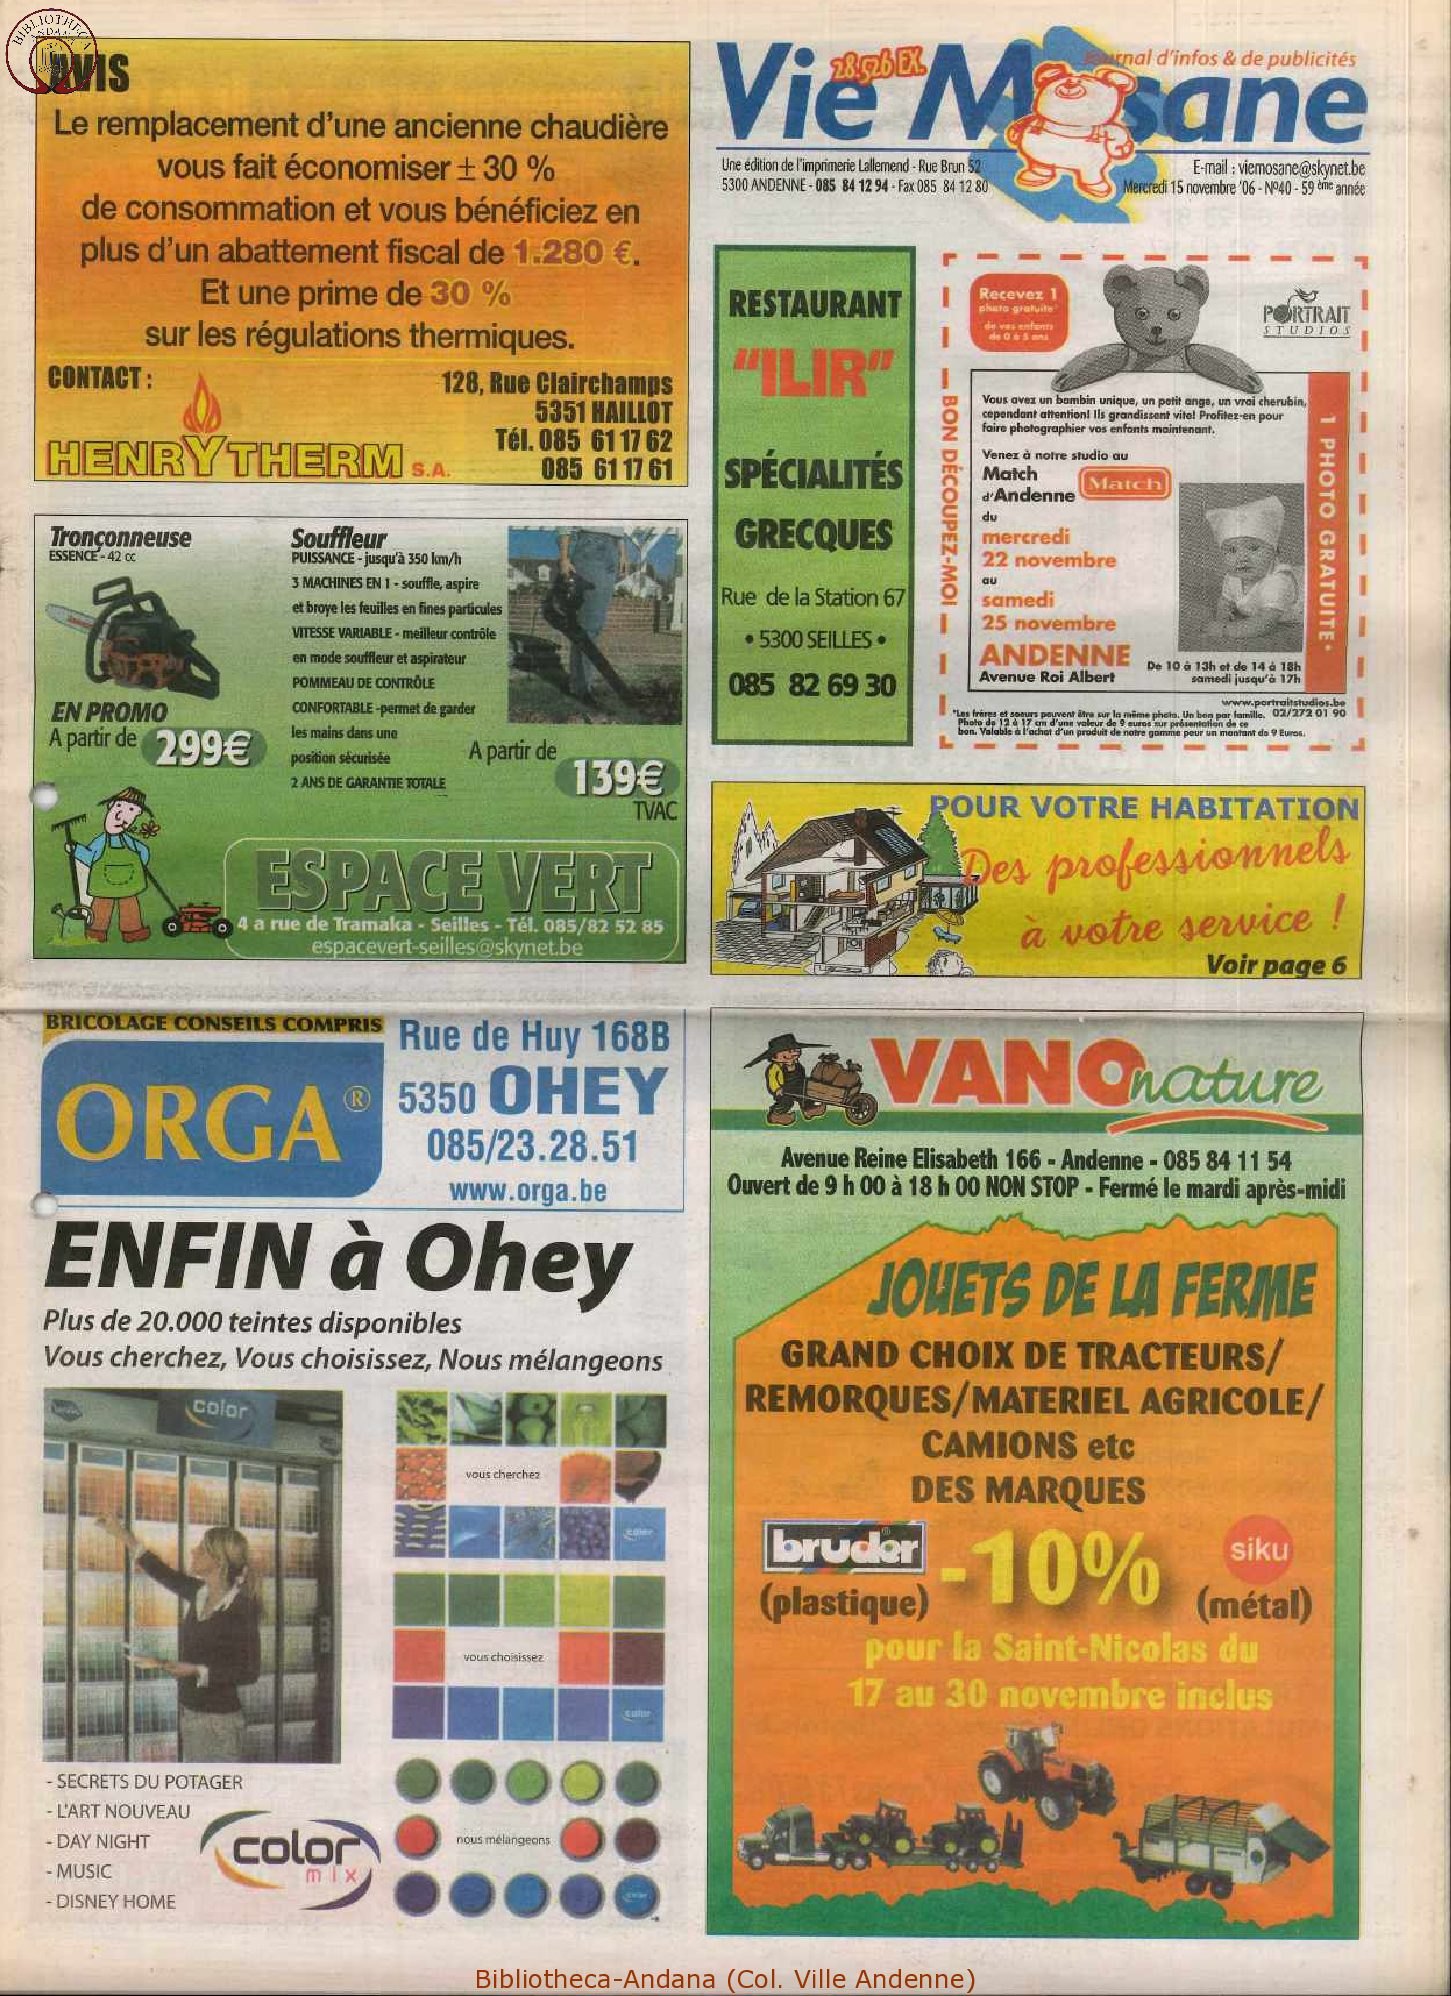 59e année - n°40 - 15 novembre 2006